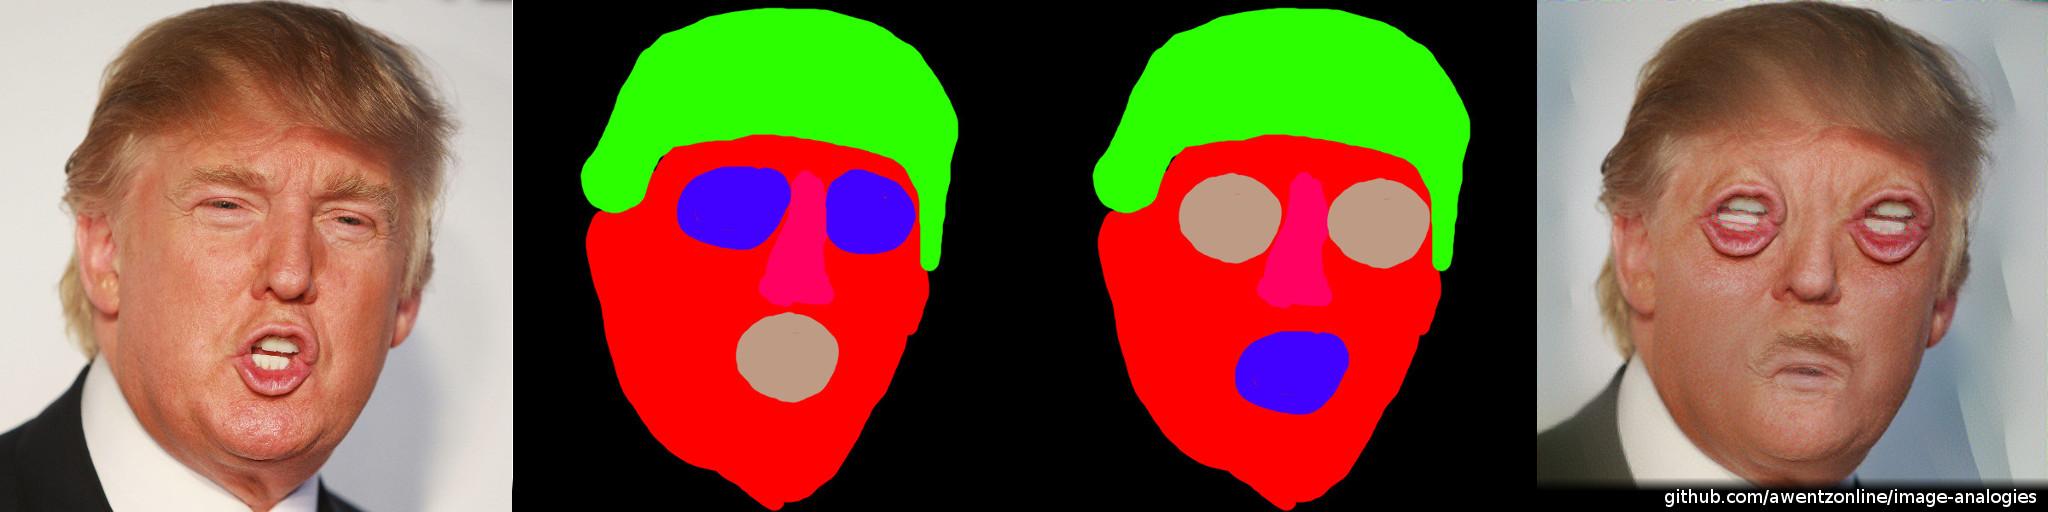 GitHub - awentzonline/image-analogies: Generate image